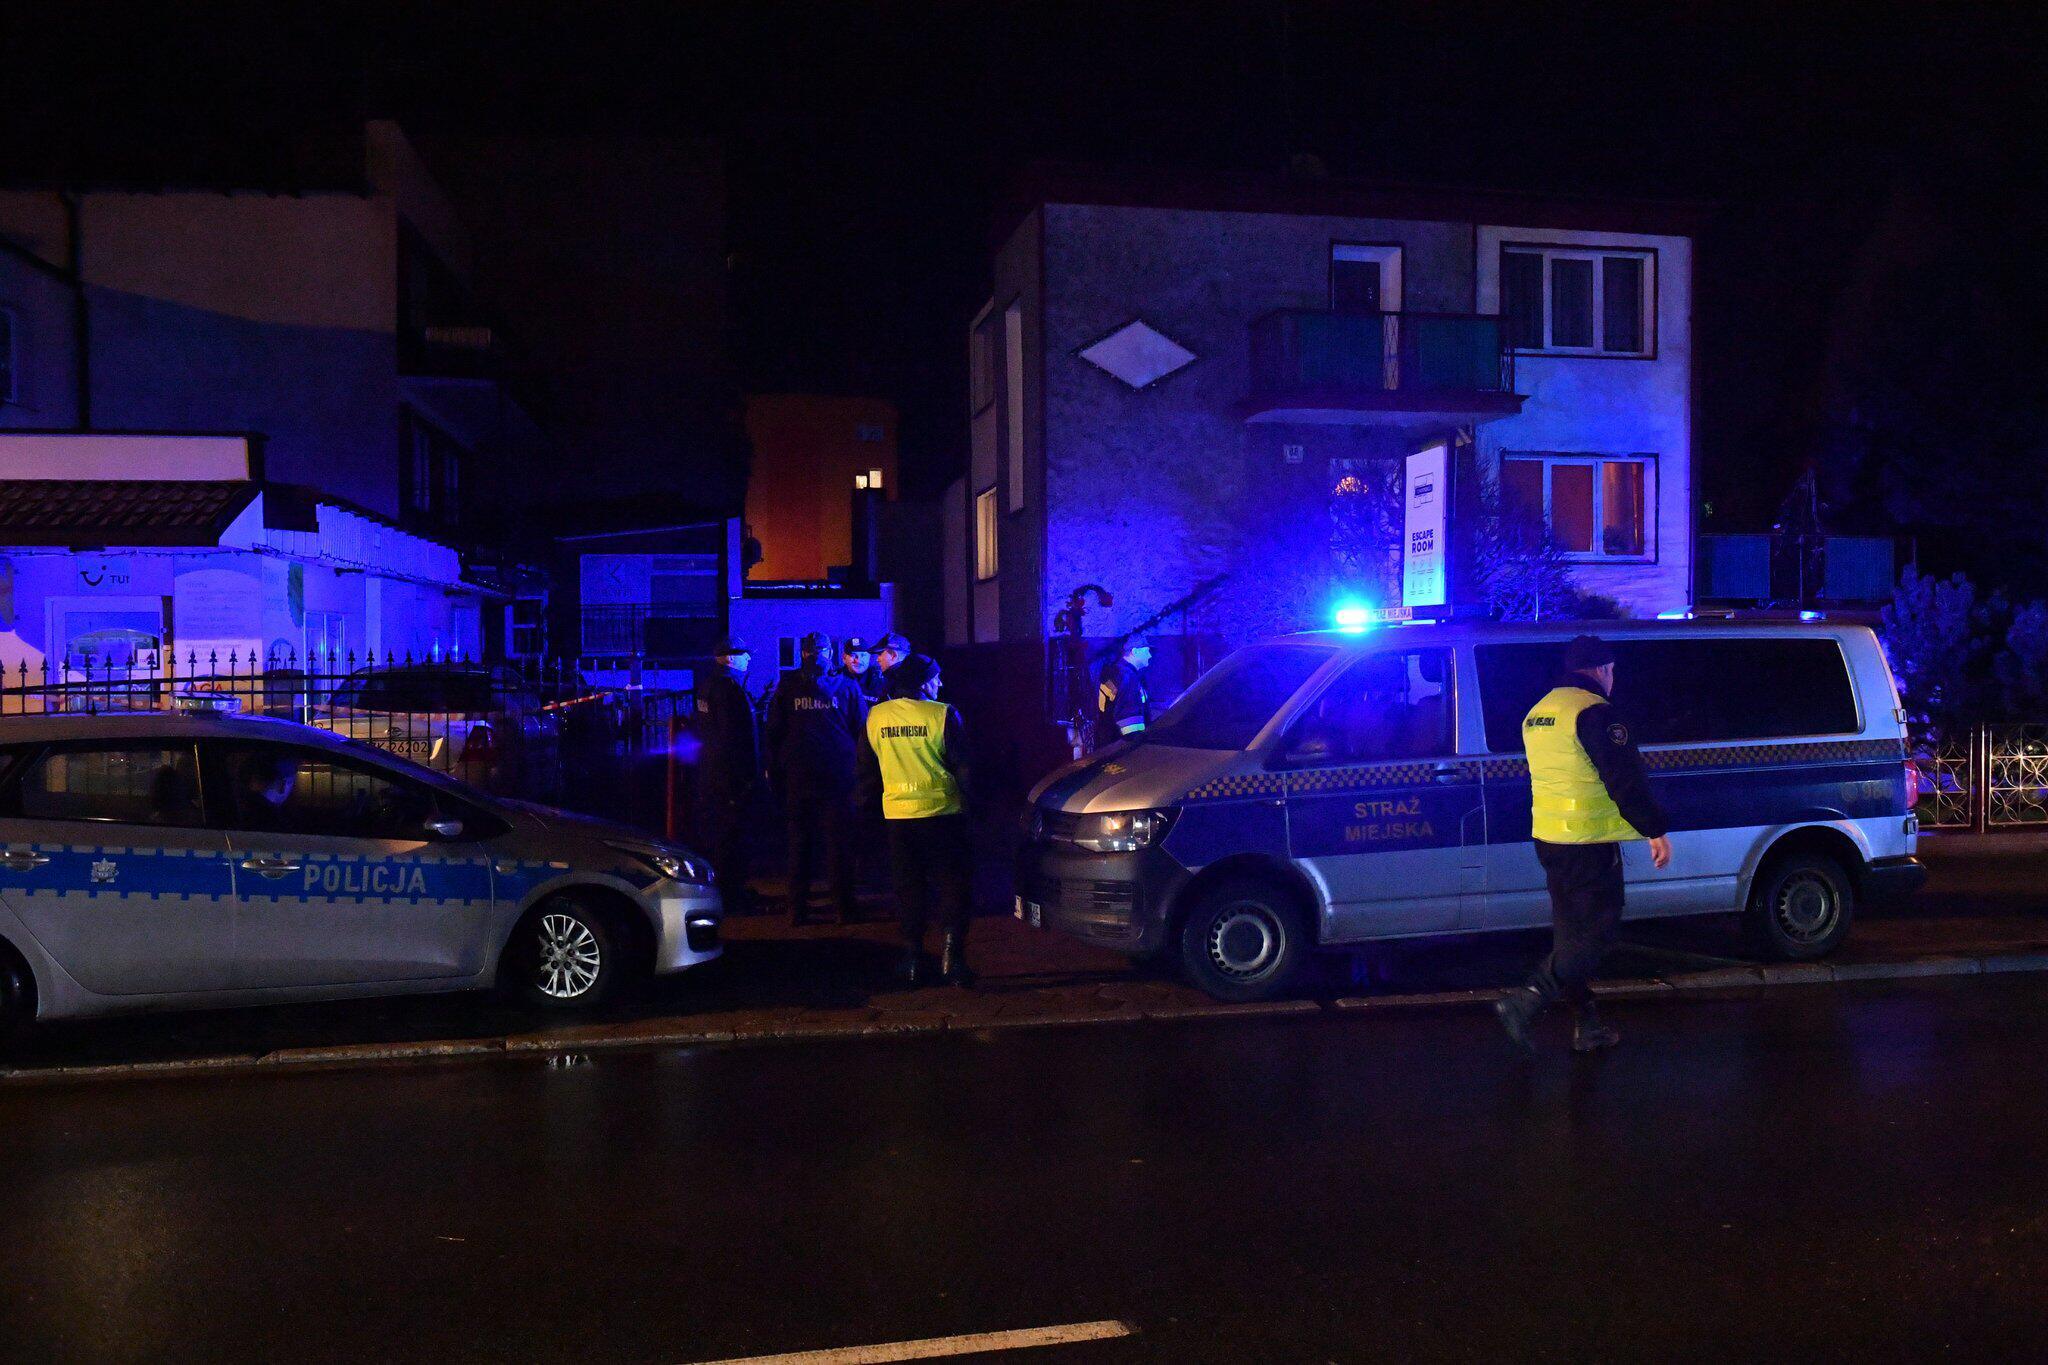 Bild zu Feuer tötet fünf Frauen in Escape Room, Polen